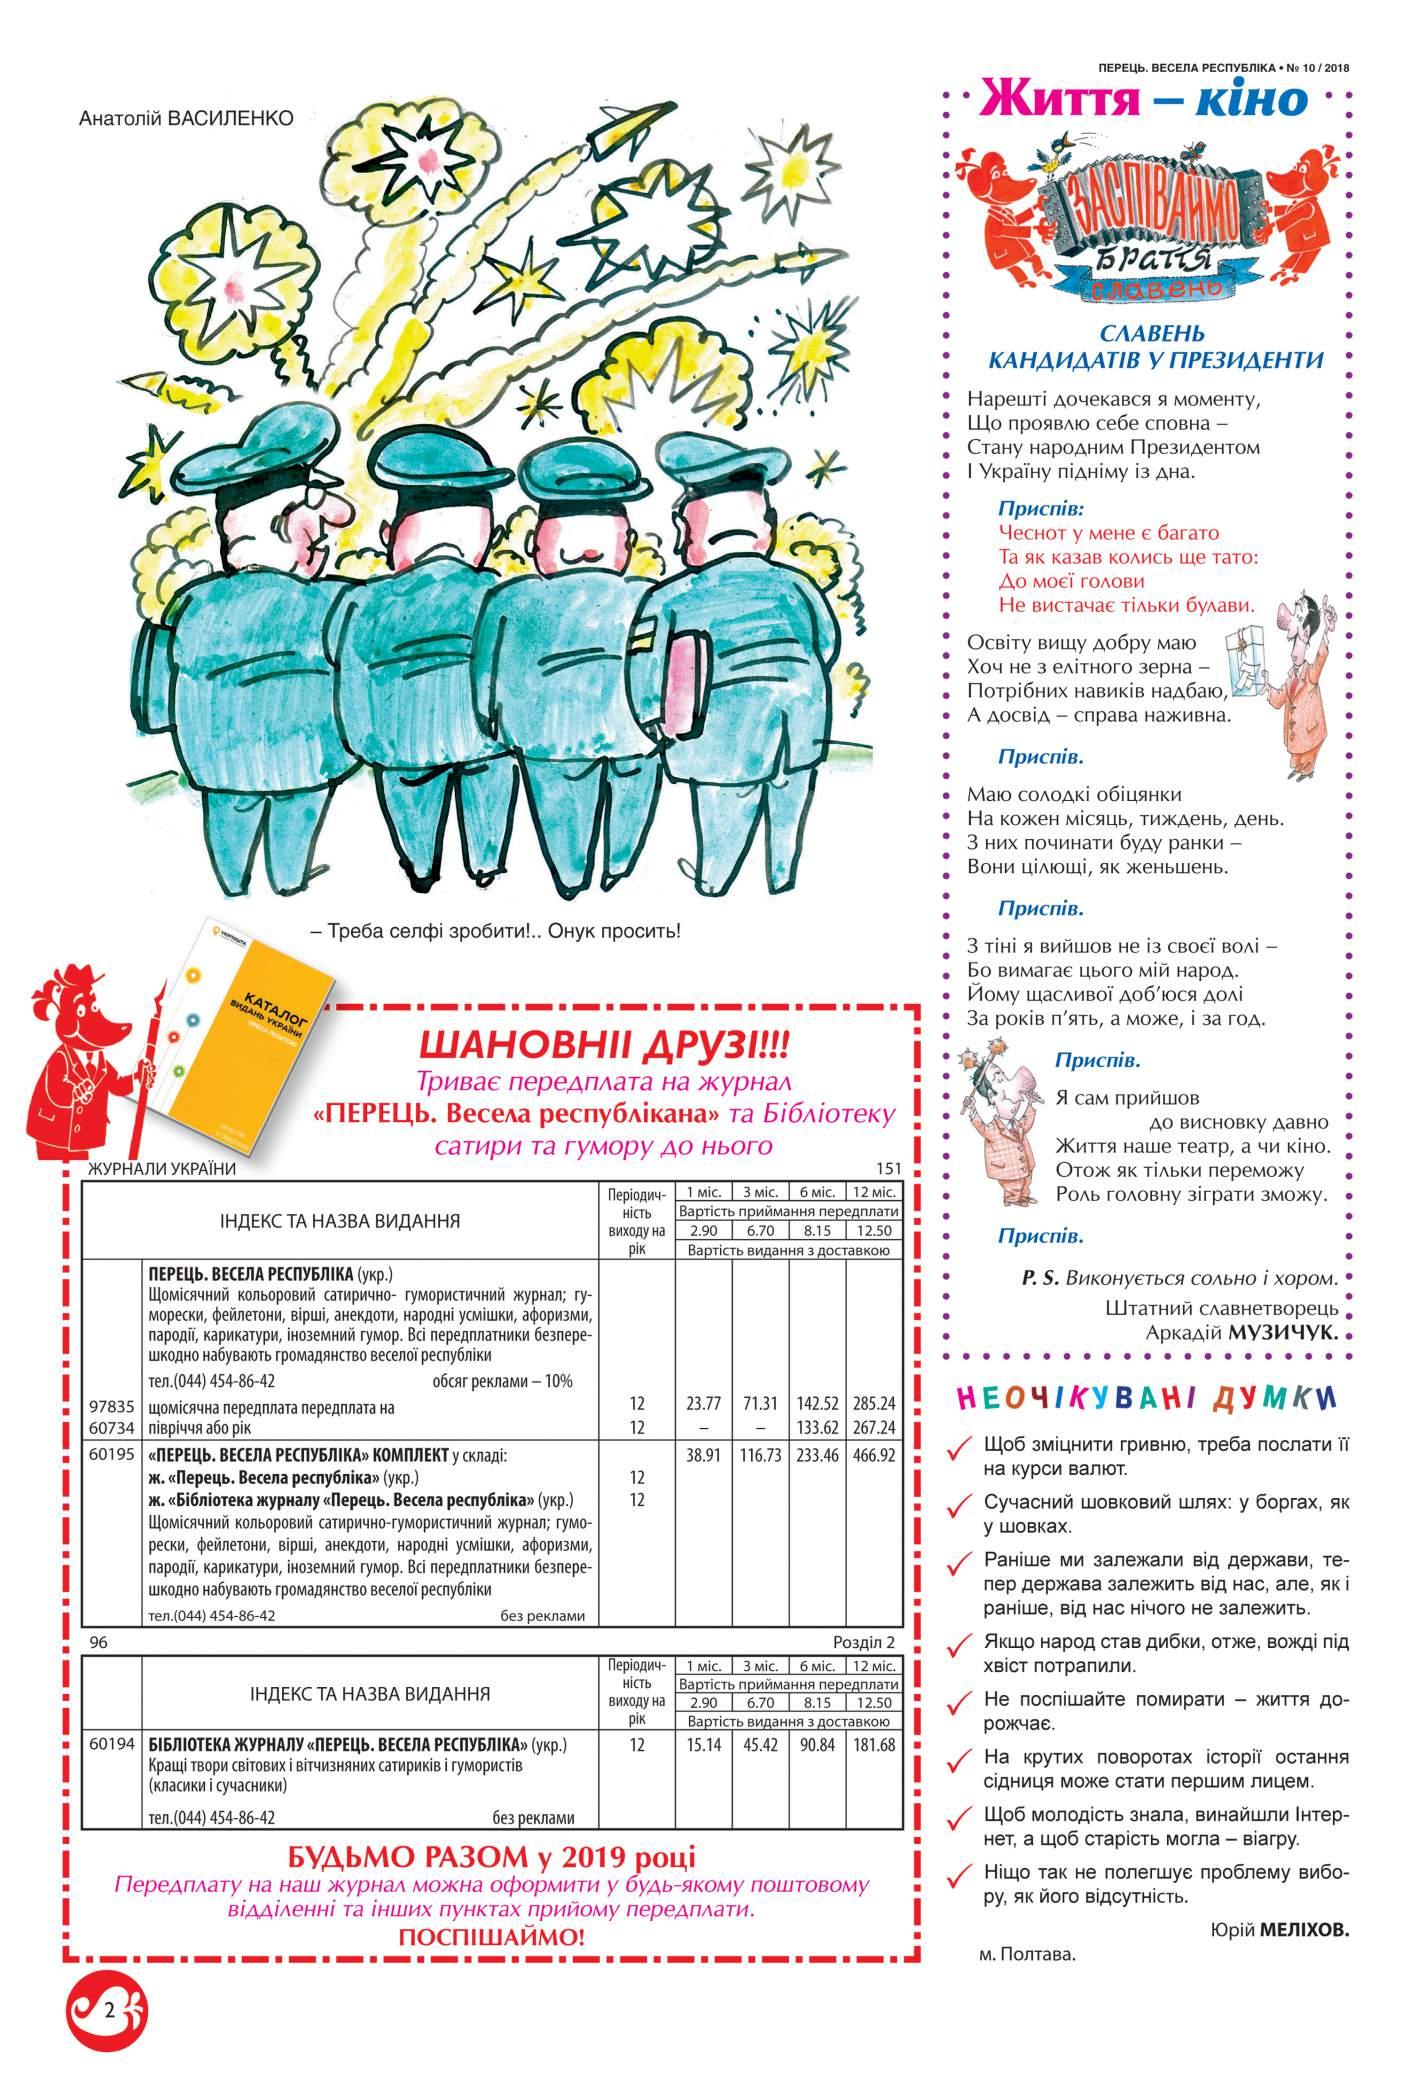 Журнал перець 2018 №10